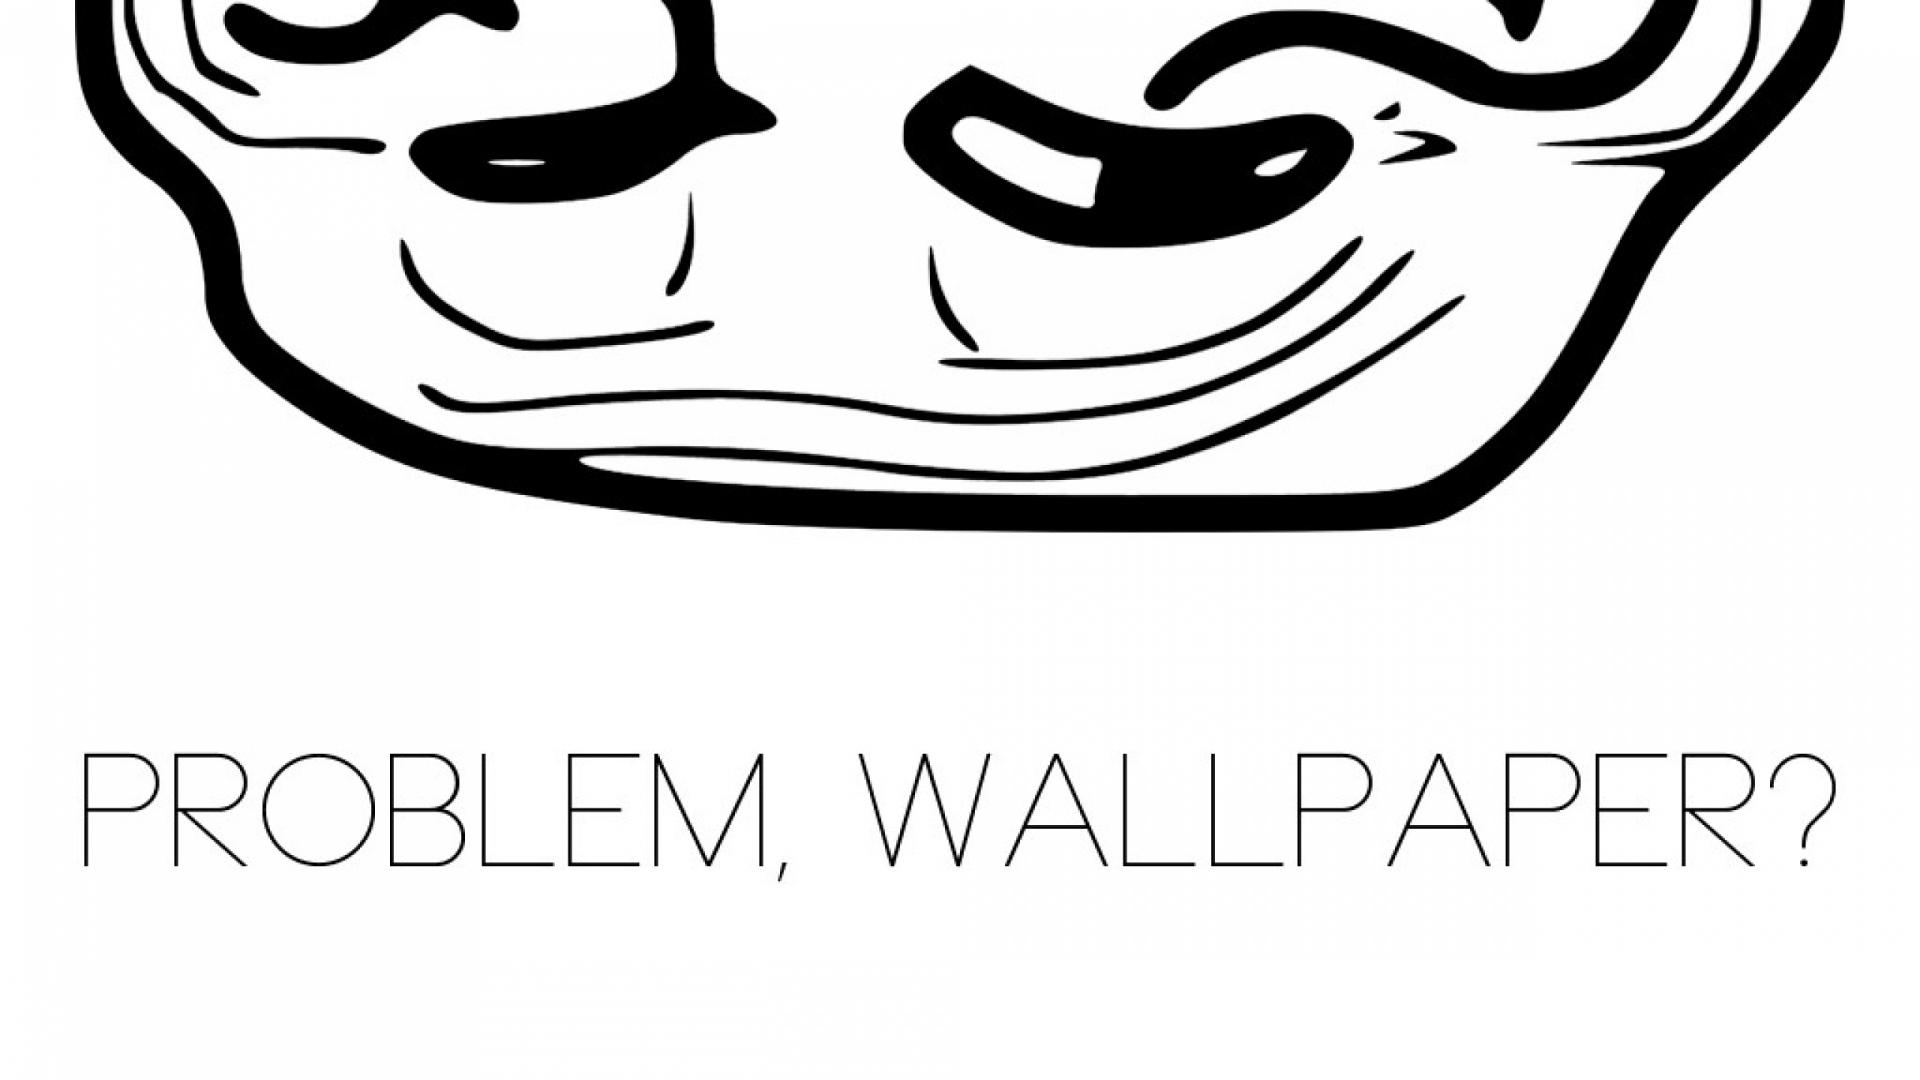 Download wallpaper 1920x1080 trollface deceit cunning sarcastic trollface deceit cunning voltagebd Choice Image